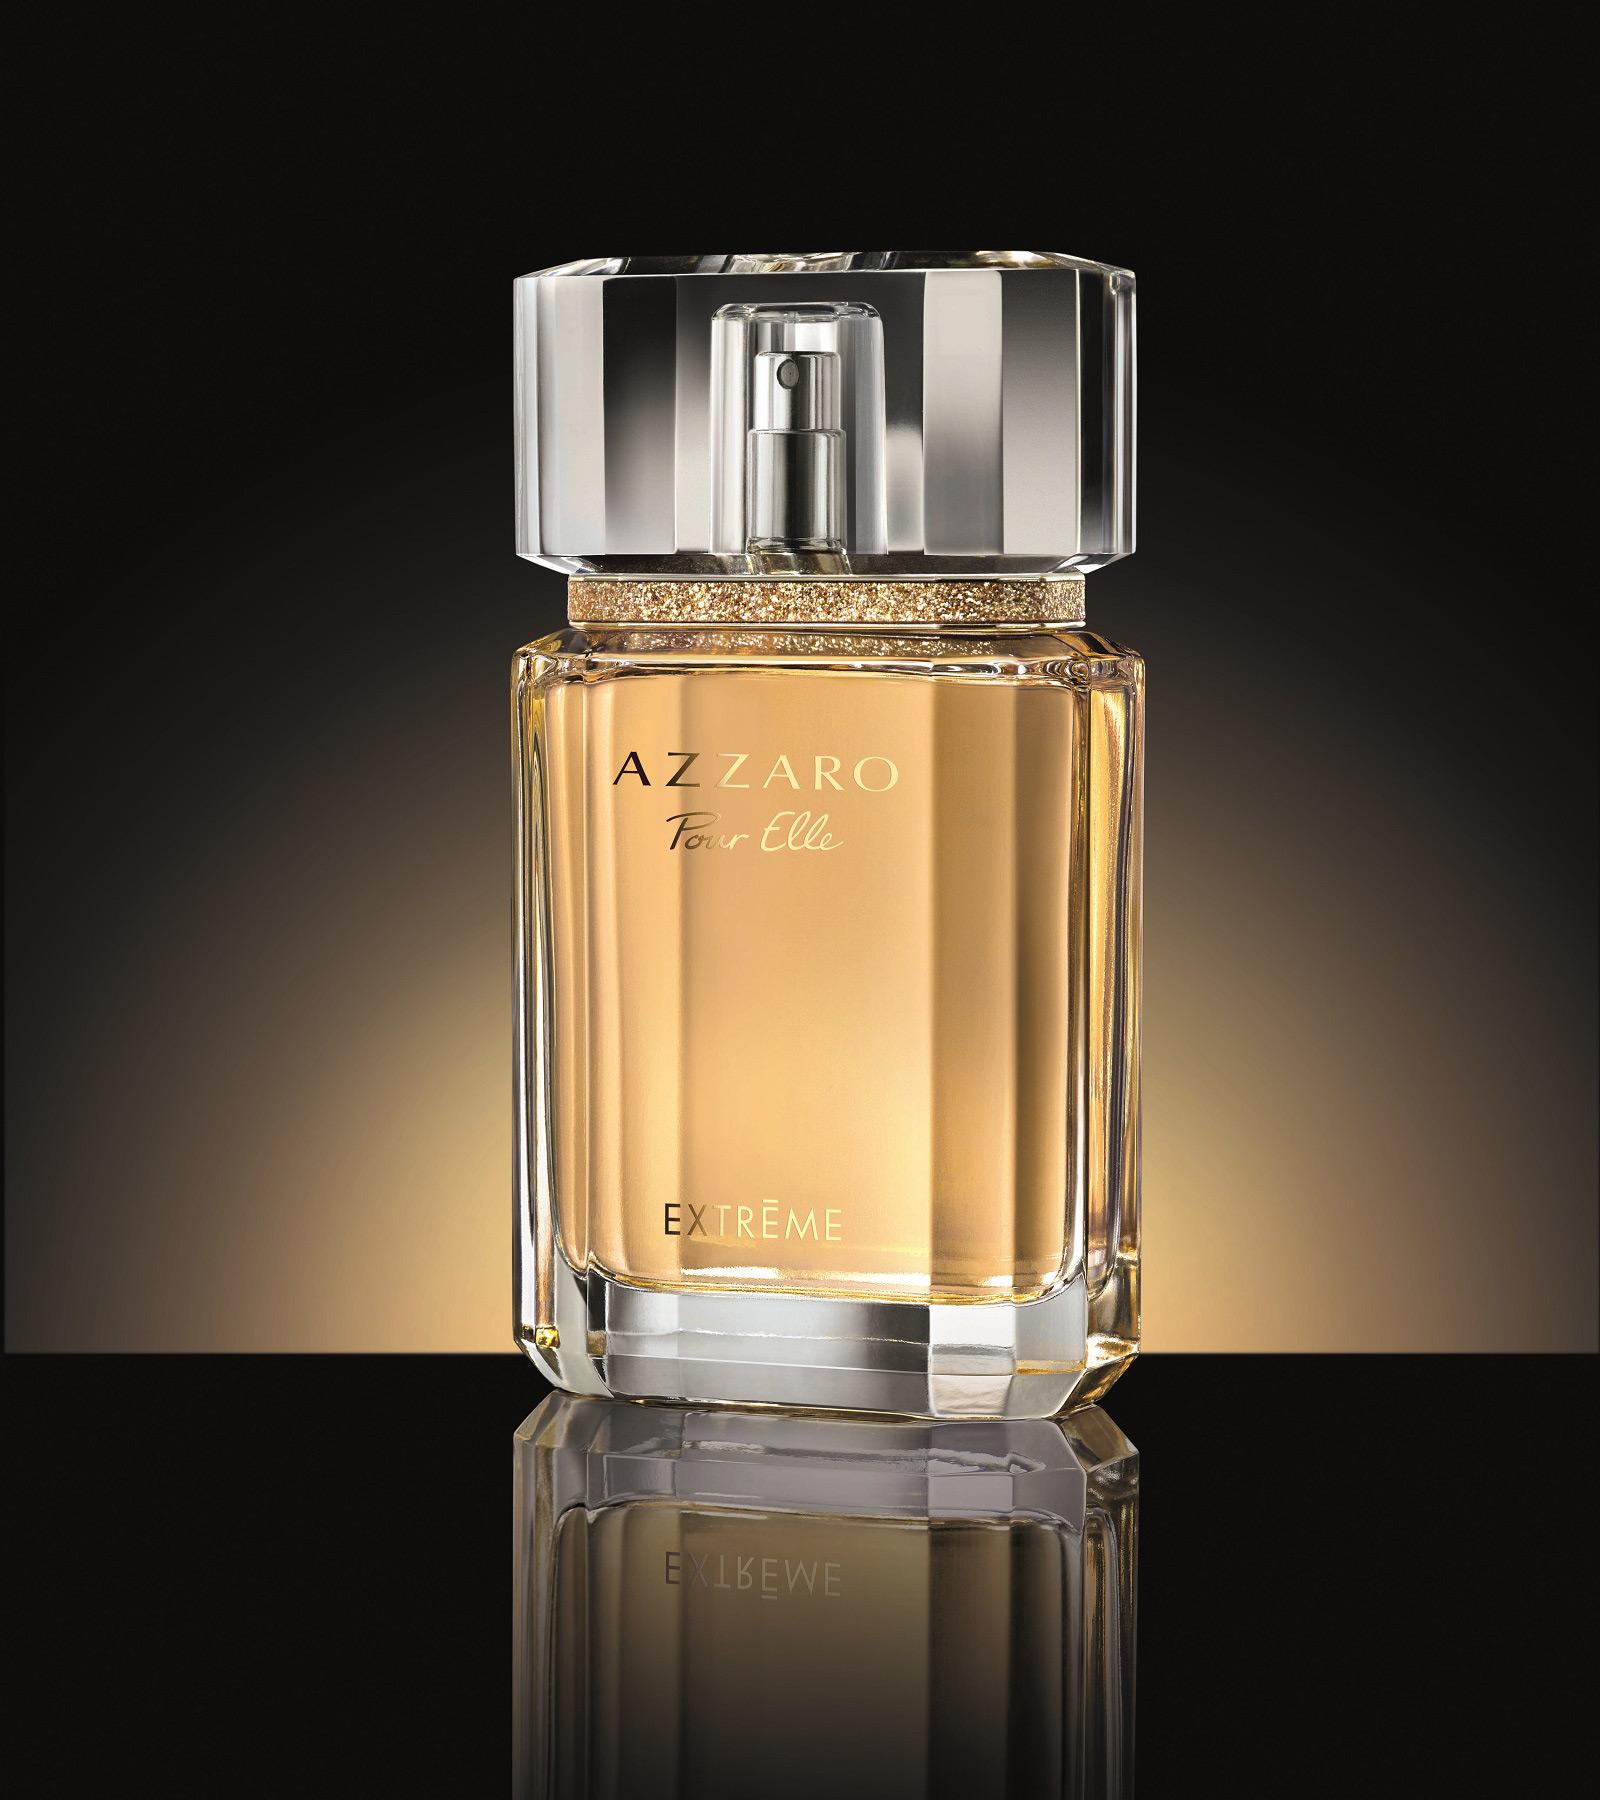 292dac0f659 Azzaro Pour Elle Extreme Azzaro perfume - a fragrância Feminino 2016